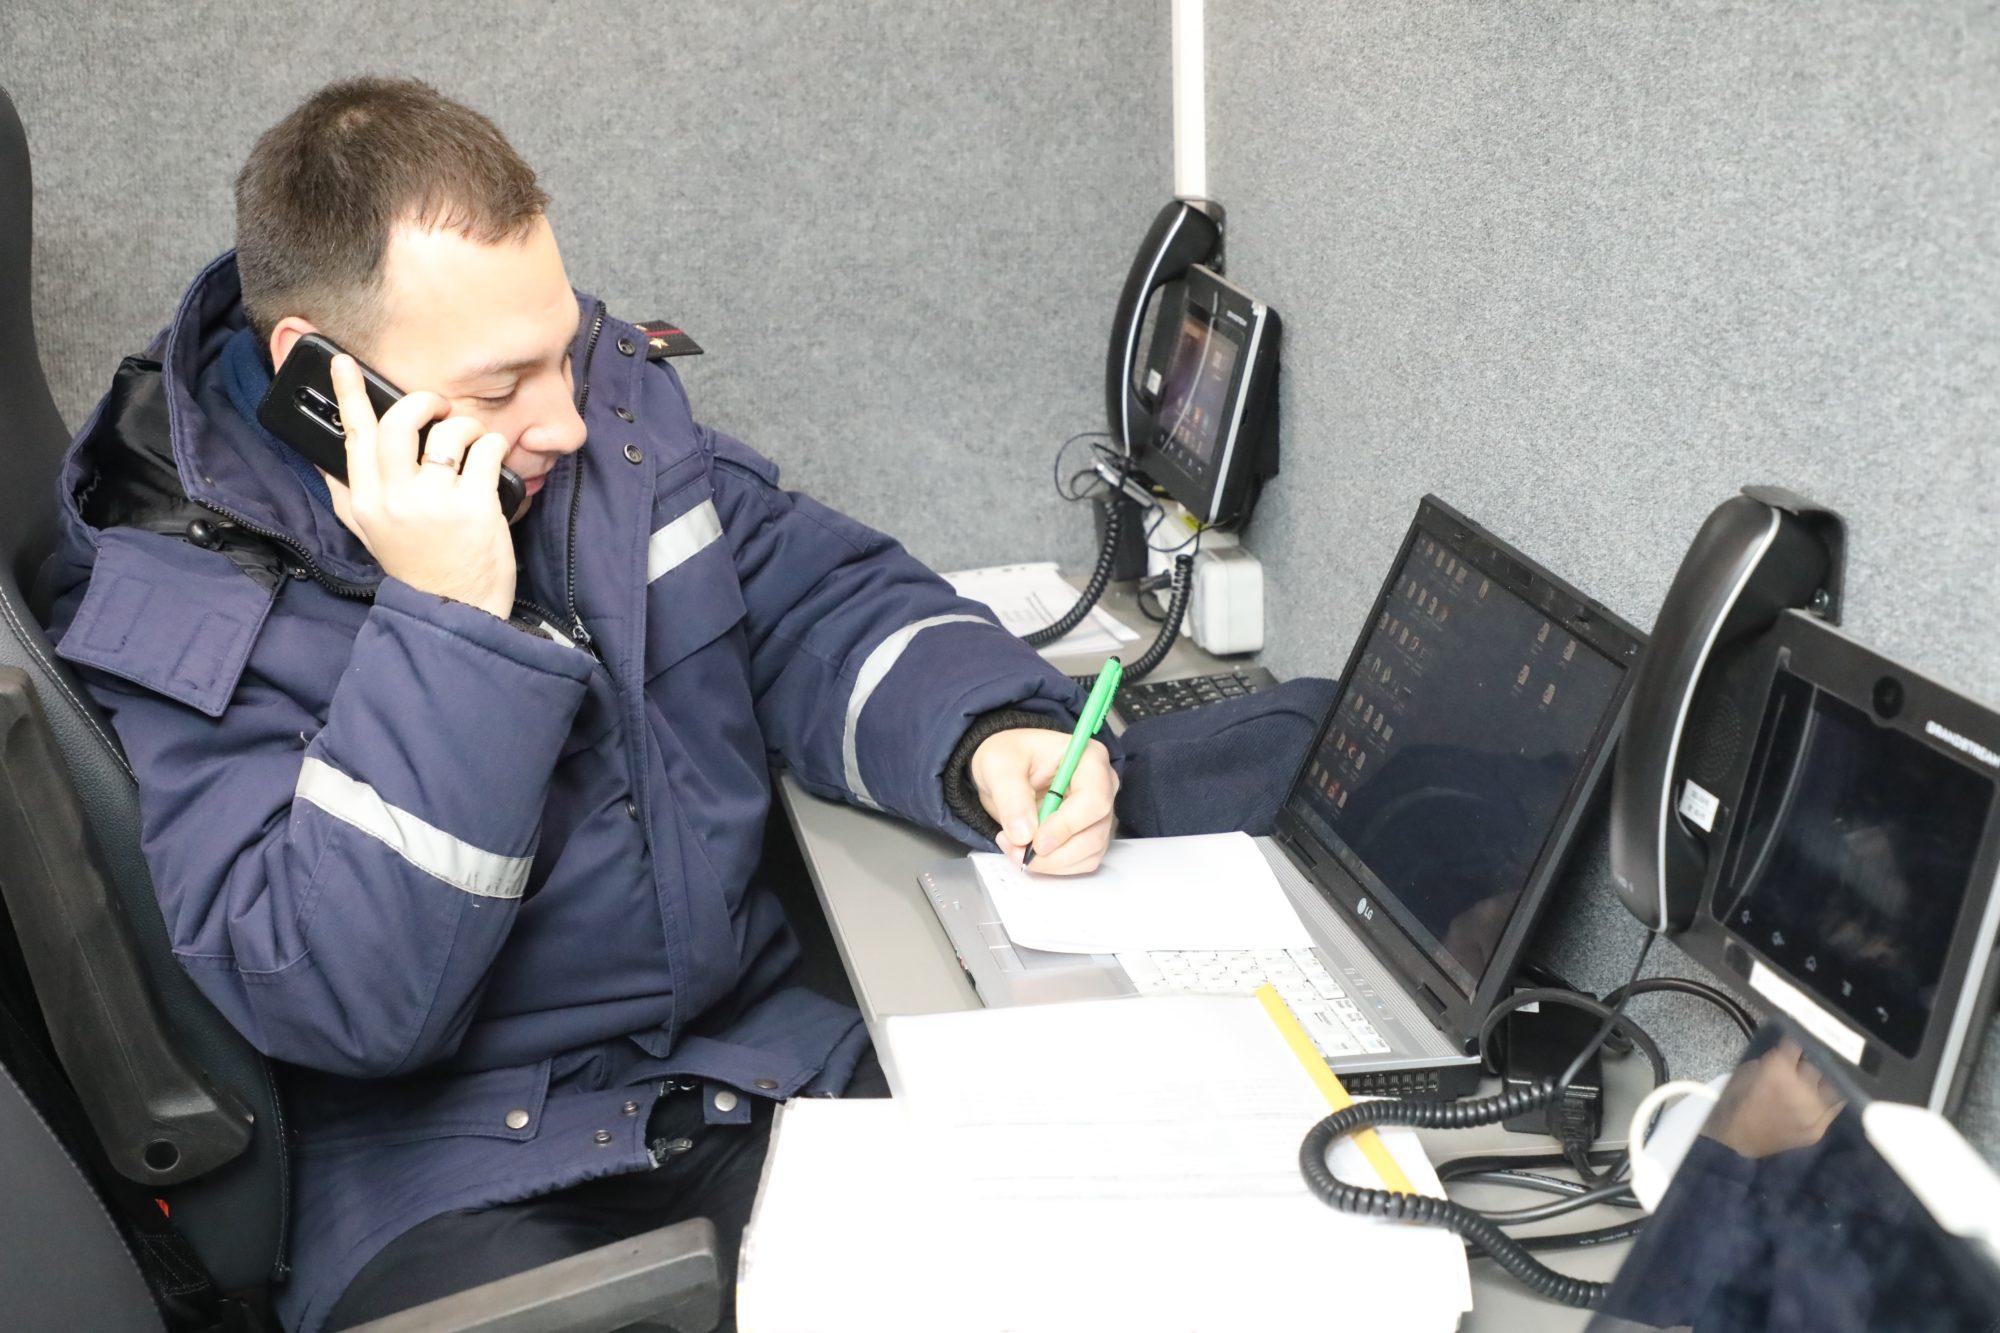 Напередодні Різдва українські рятувальники перейшли на посилений режим служби - рятувальники, ДСНС - iaiva 2000x1333